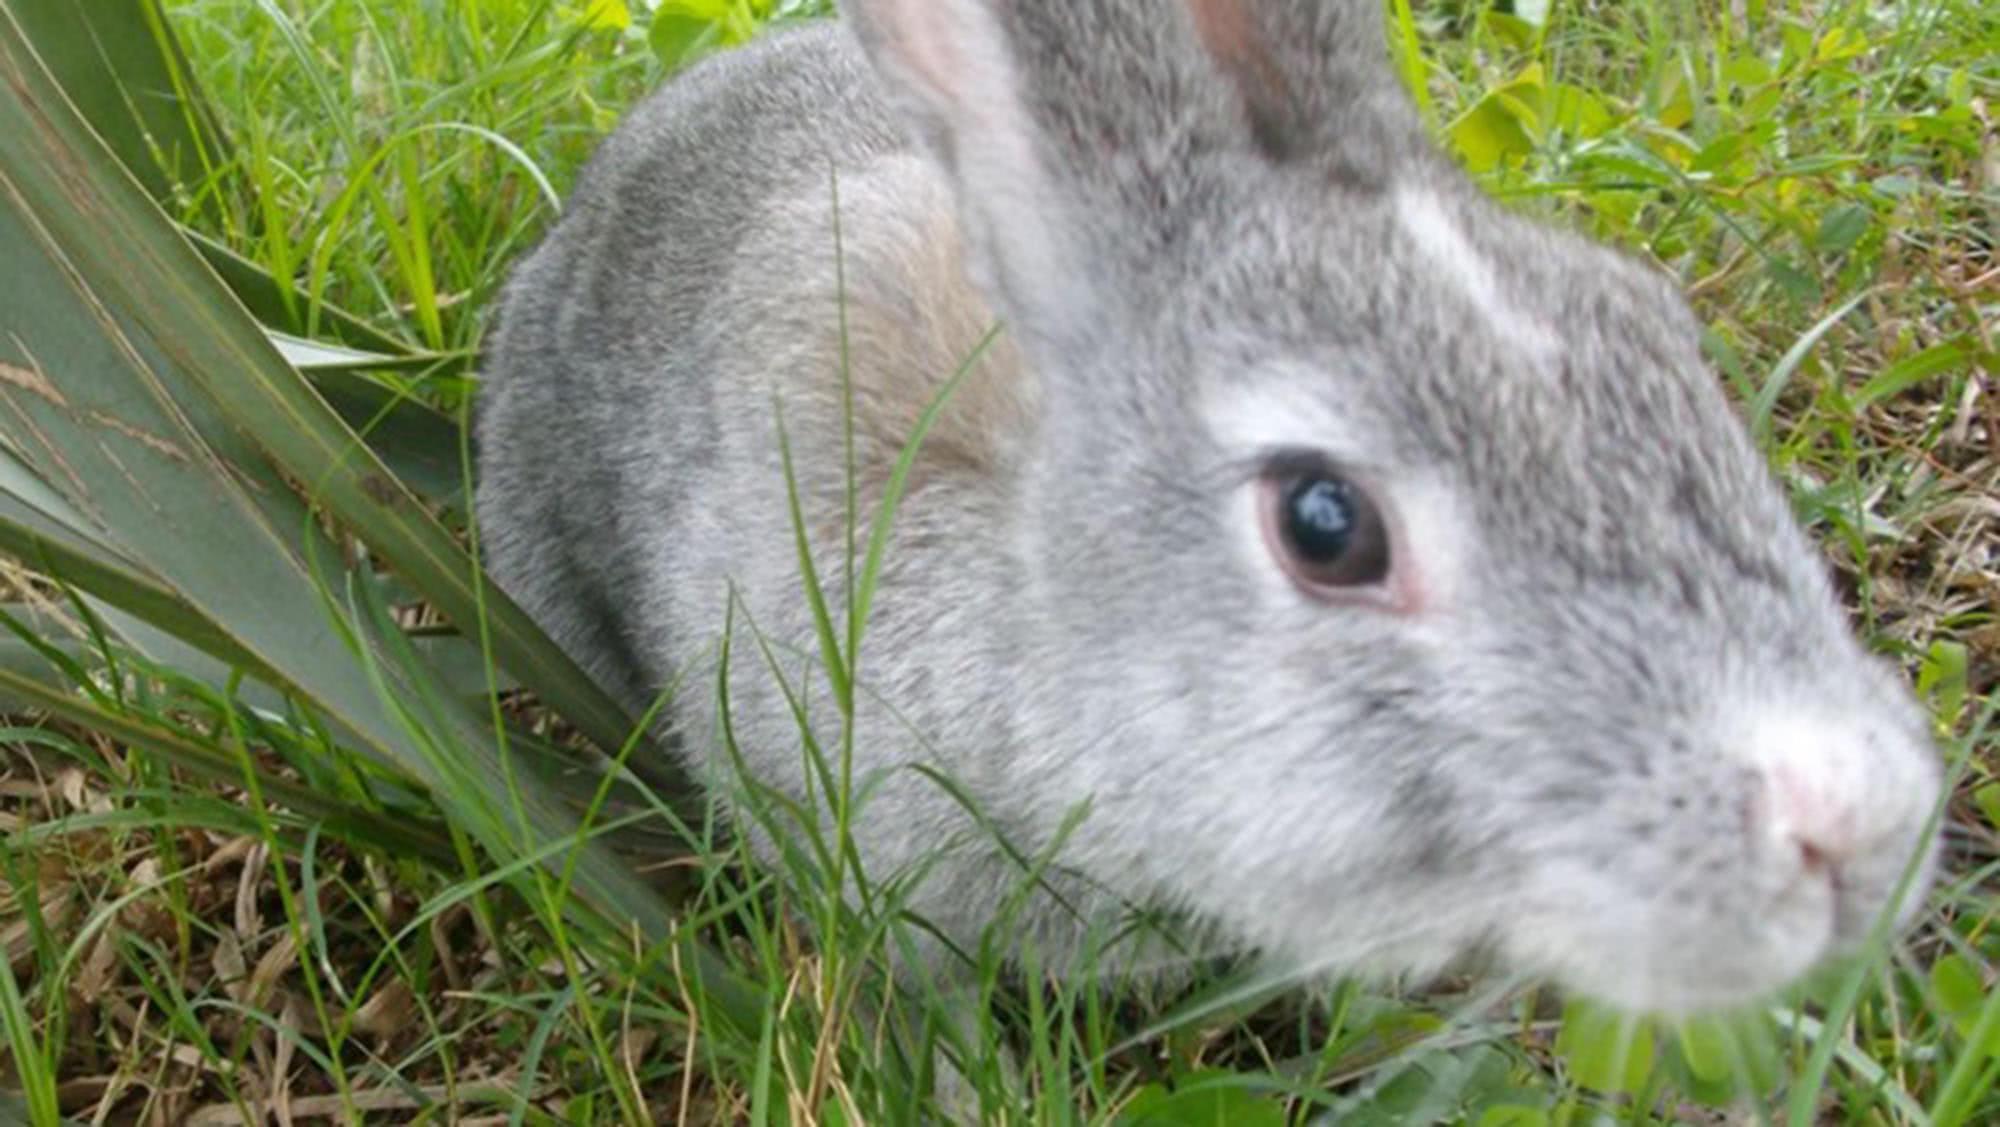 割兔草是总也干不完的活,农村小伙伴有这样觉得吗